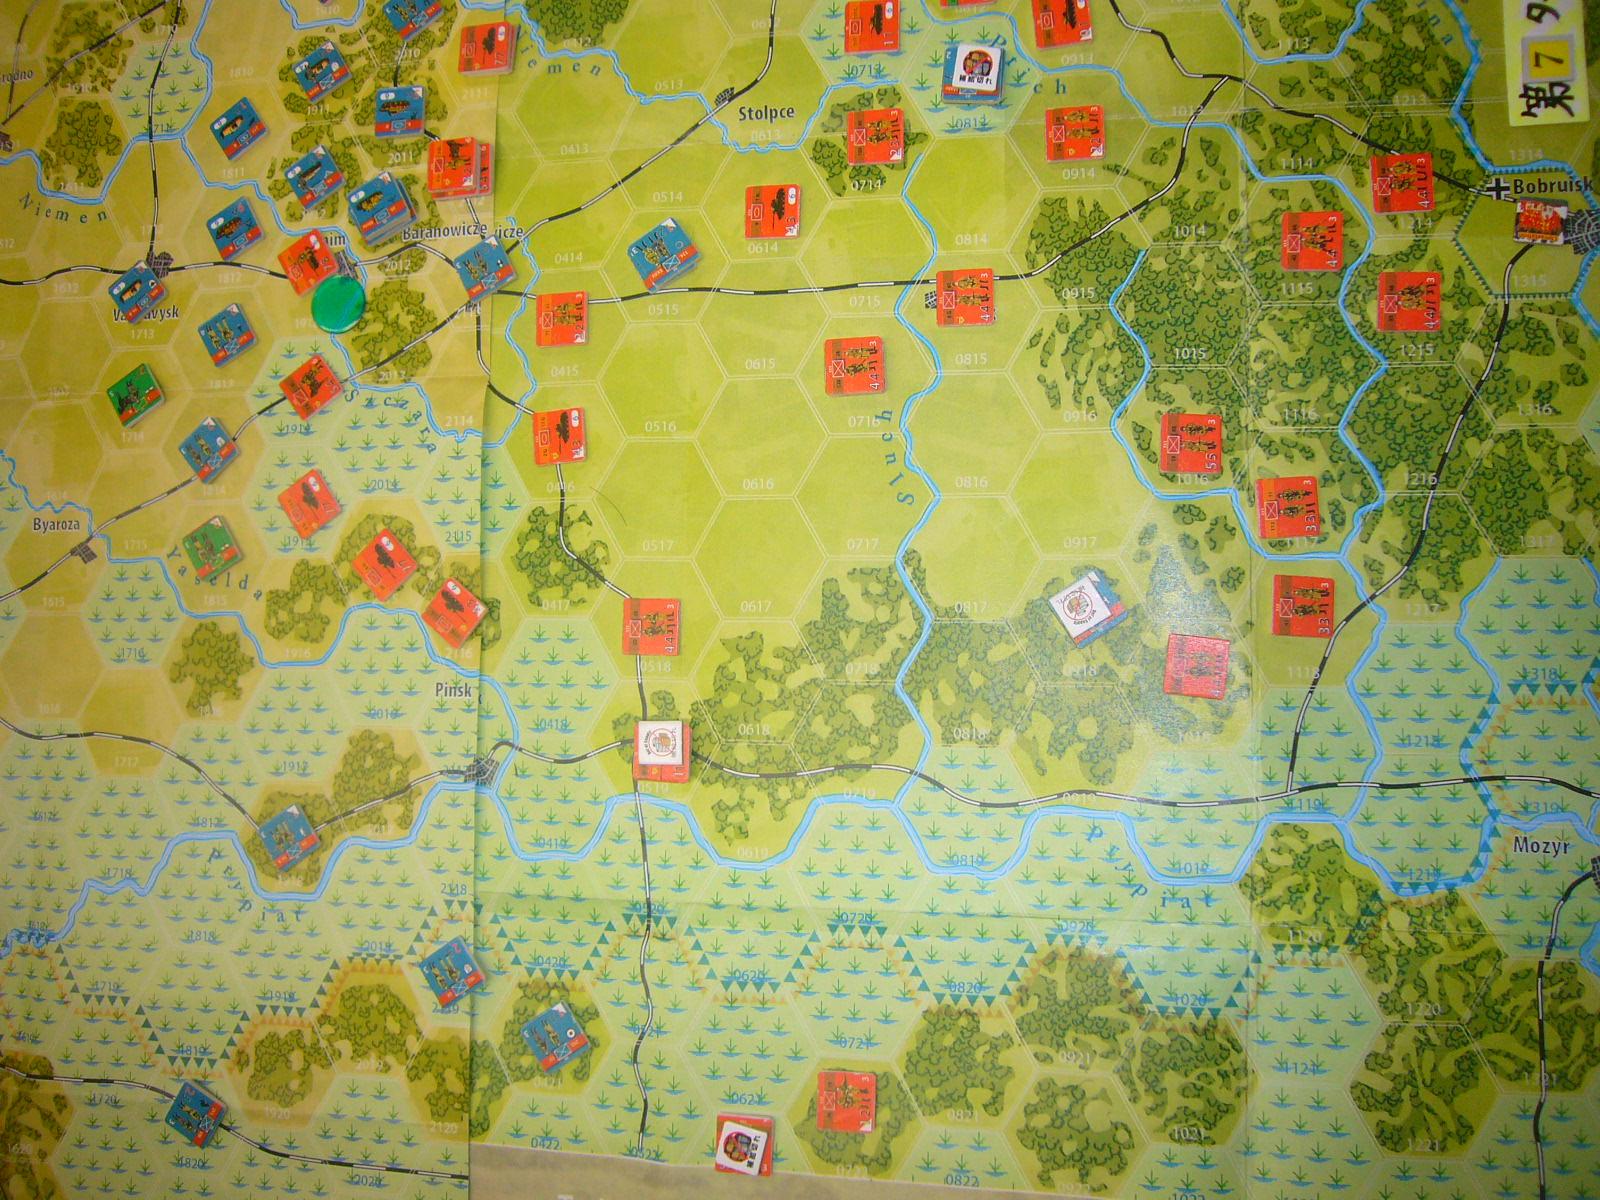 YSGA 9月例会の様子その5(仏C&H社製の東部戦線1944 『バグラチオン作戦』+『ワルシャワ蜂起』)その➌_b0173672_00072823.jpg